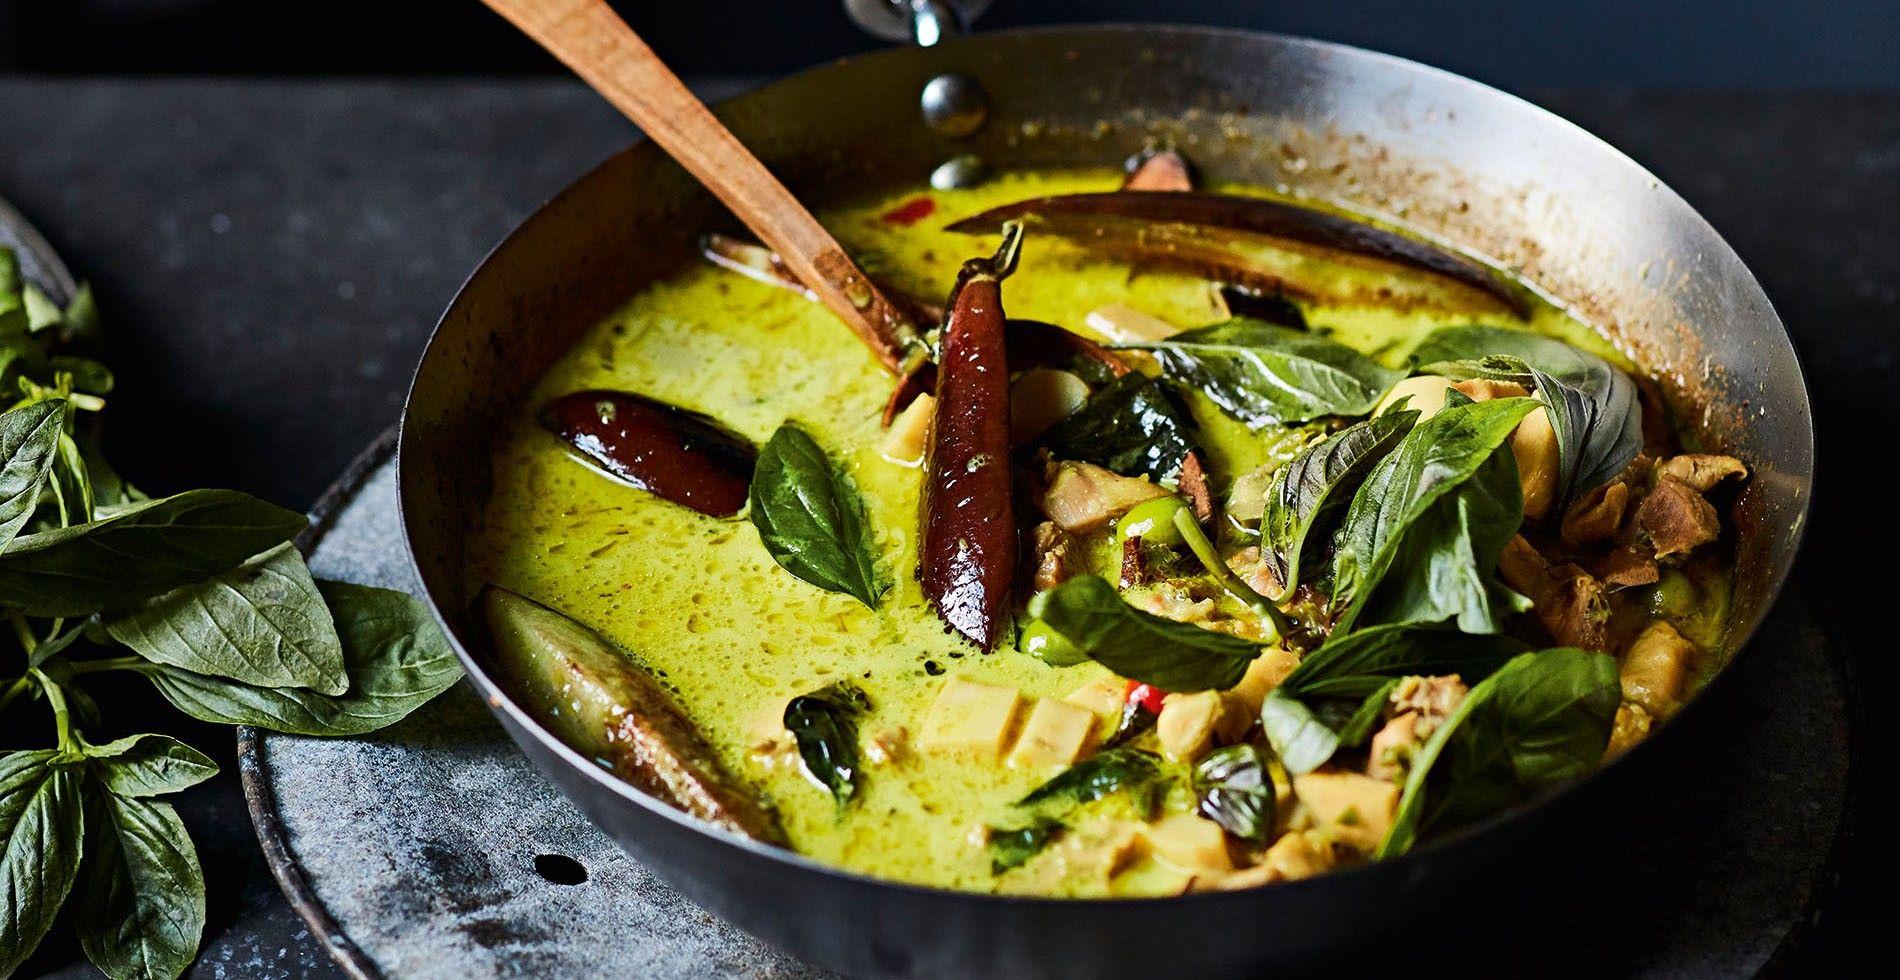 A Thai green curry.